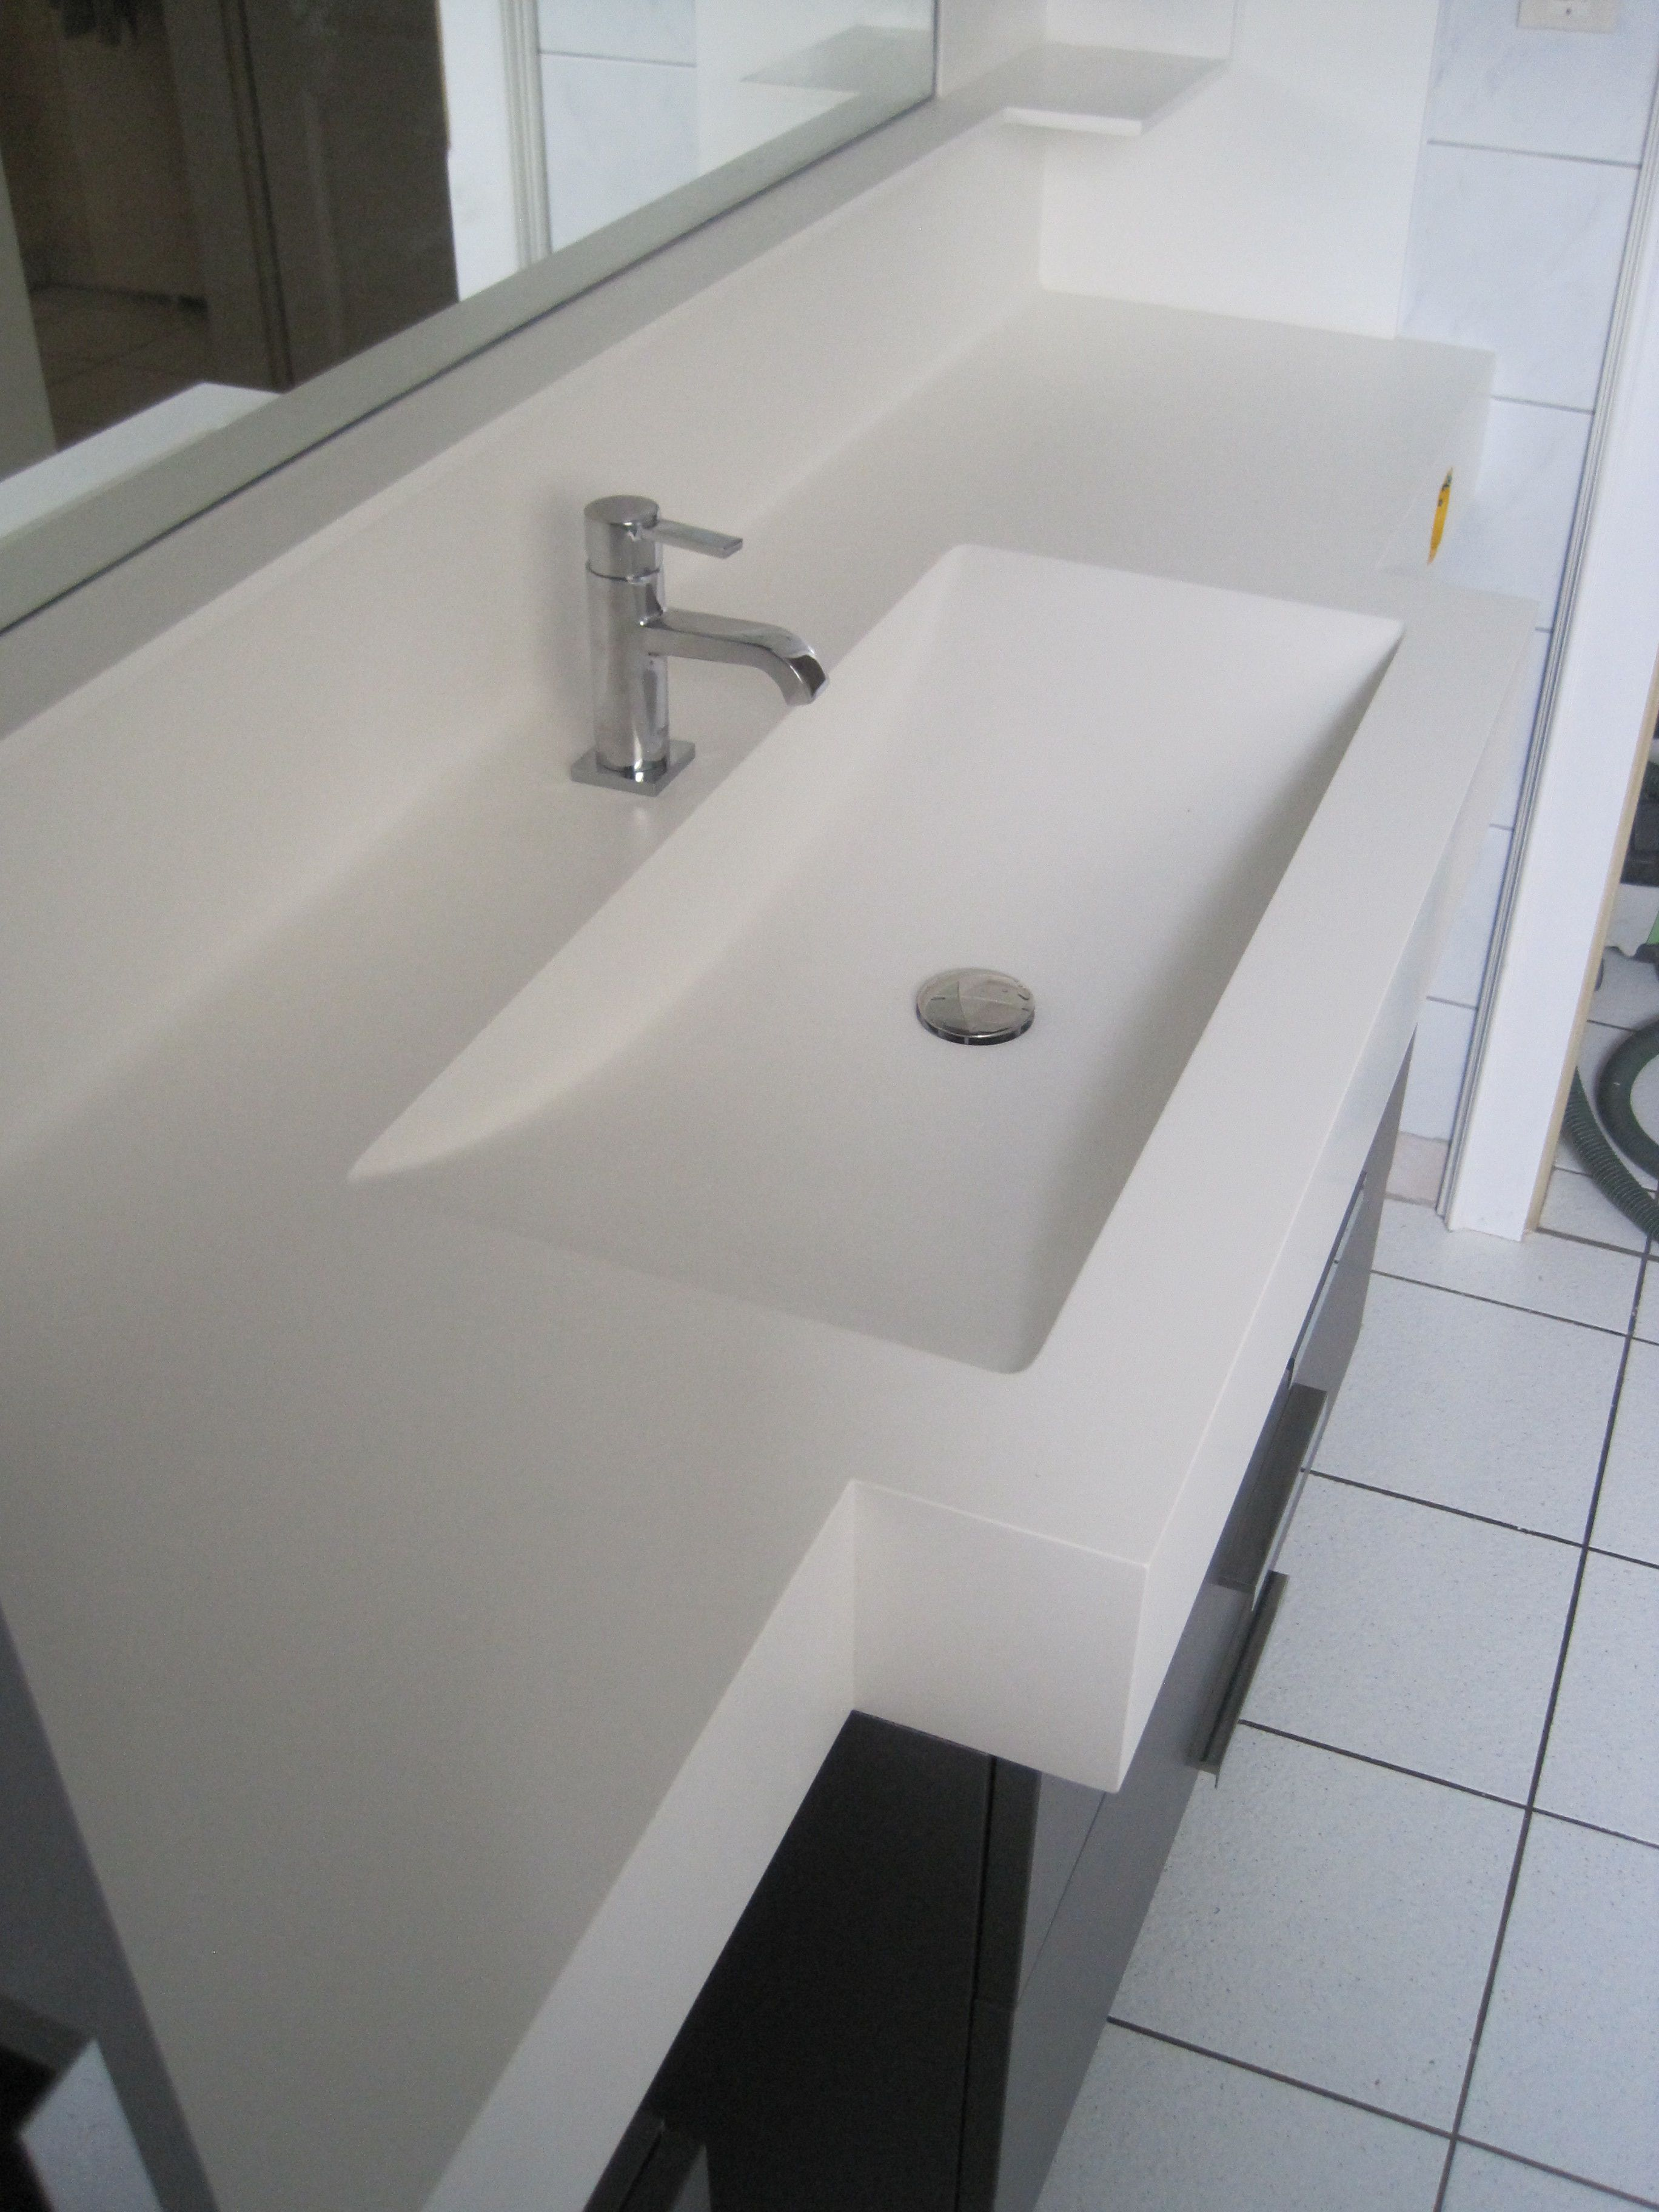 Plan Vasque Sur Mesure plan vasque varicor avec vasque cintrée sur mesure et